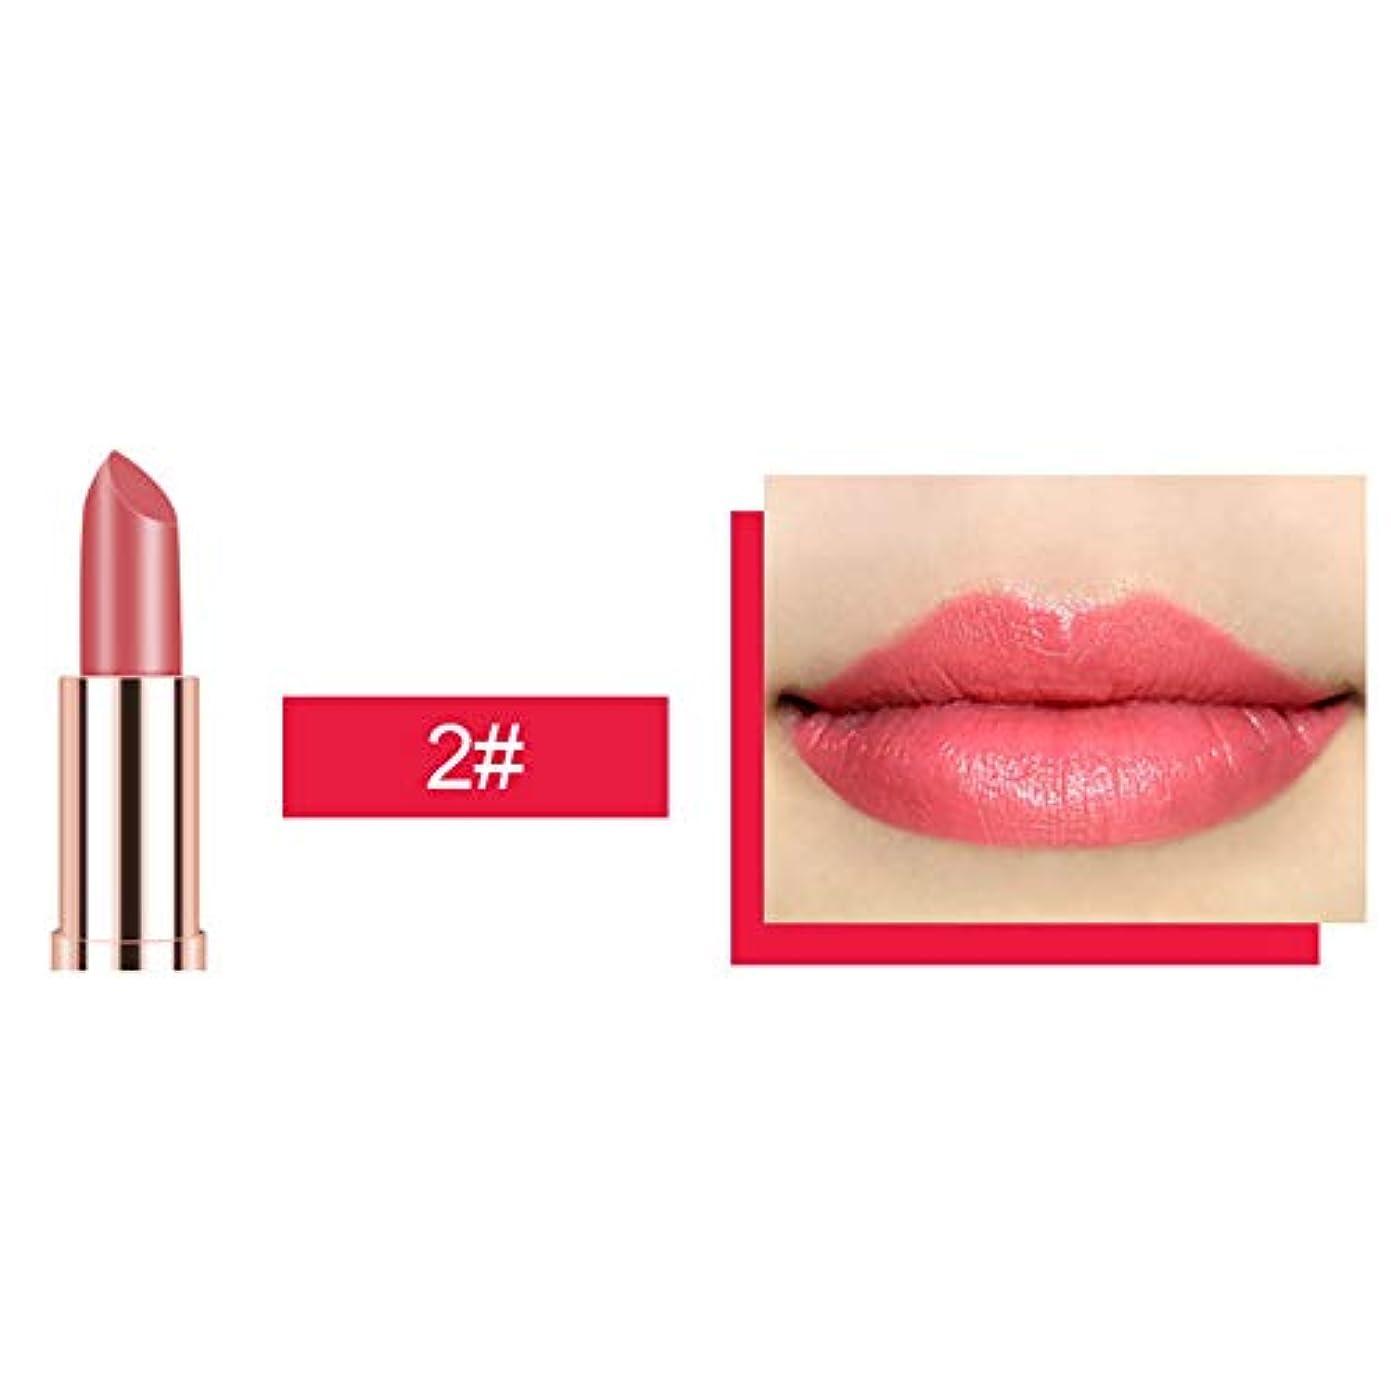 Symboat レディ 口紅 長持ち 保湿 マット ロングラスティング メイク 化粧品 人気 恋する唇 ランキング 絶妙な贈り物 韓国 グロス リップスティック マット